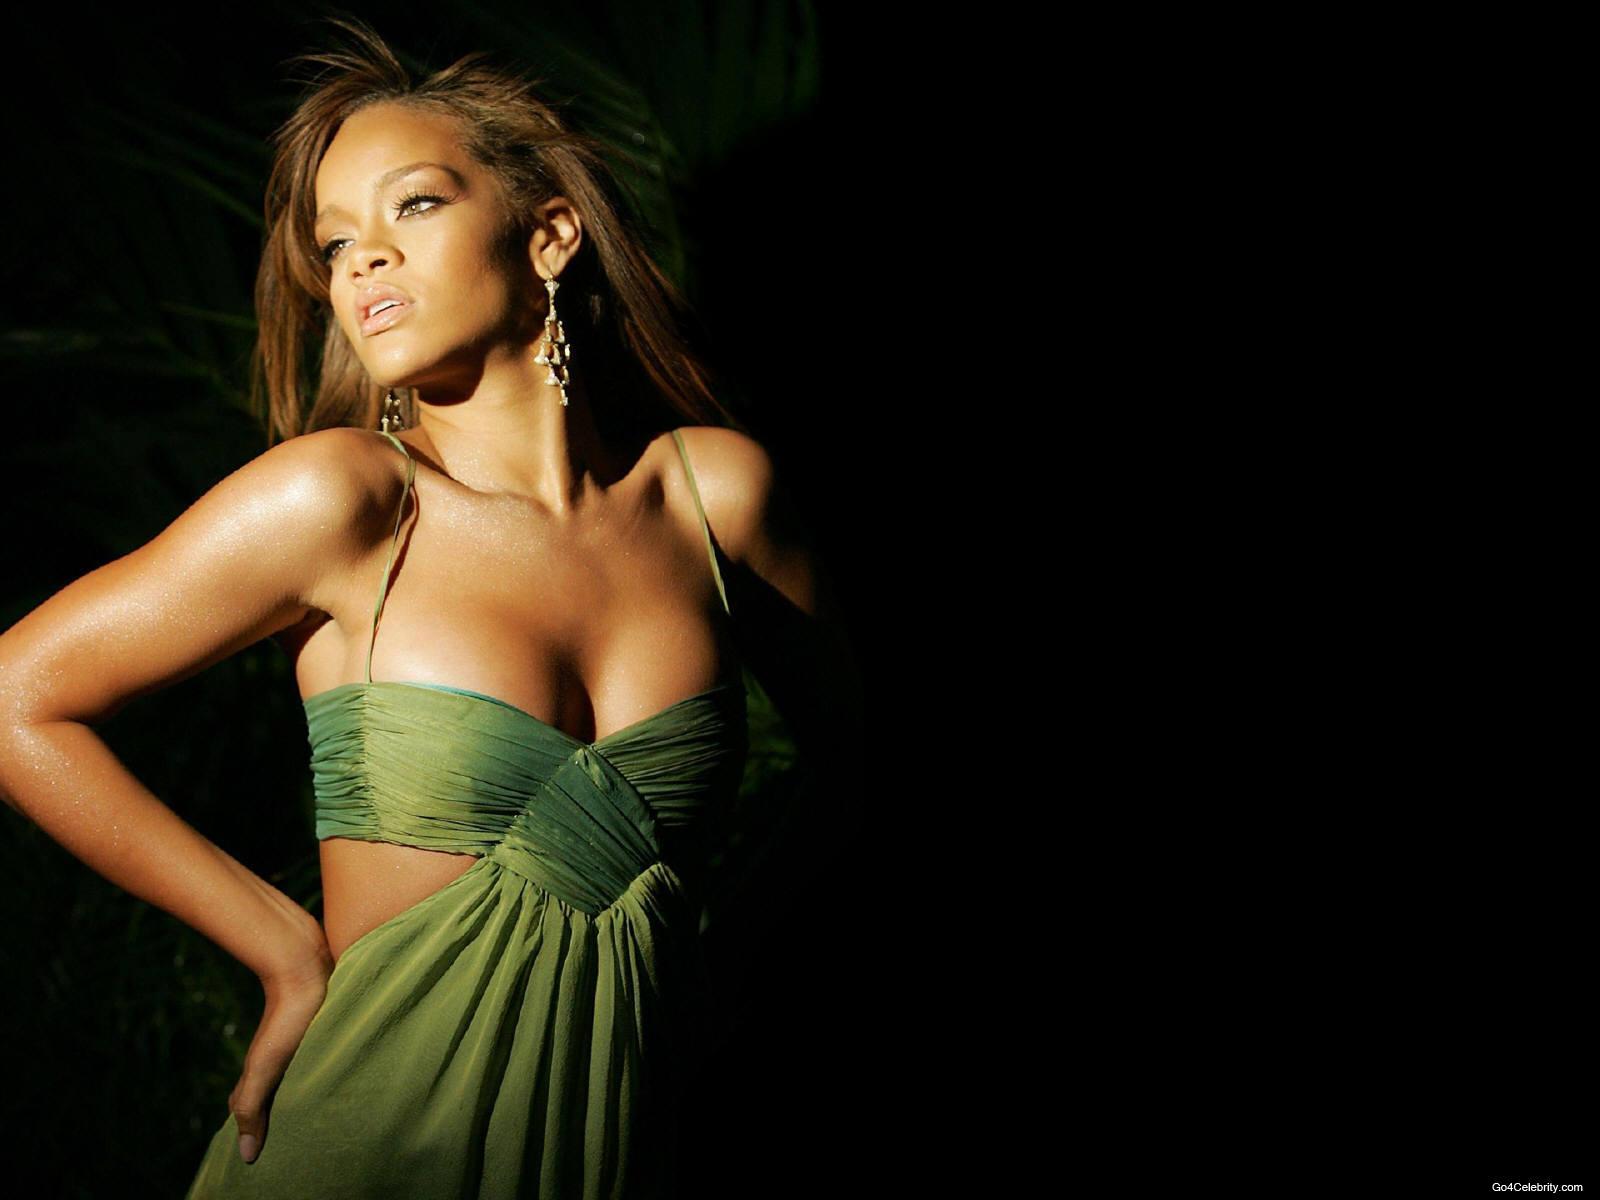 http://1.bp.blogspot.com/-l6exqxsmXzQ/TkfkN5sbGZI/AAAAAAAAD2U/IslTdnZrZ6A/s1600/Rihanna+-+Wallpaper+%25286%2529.jpg